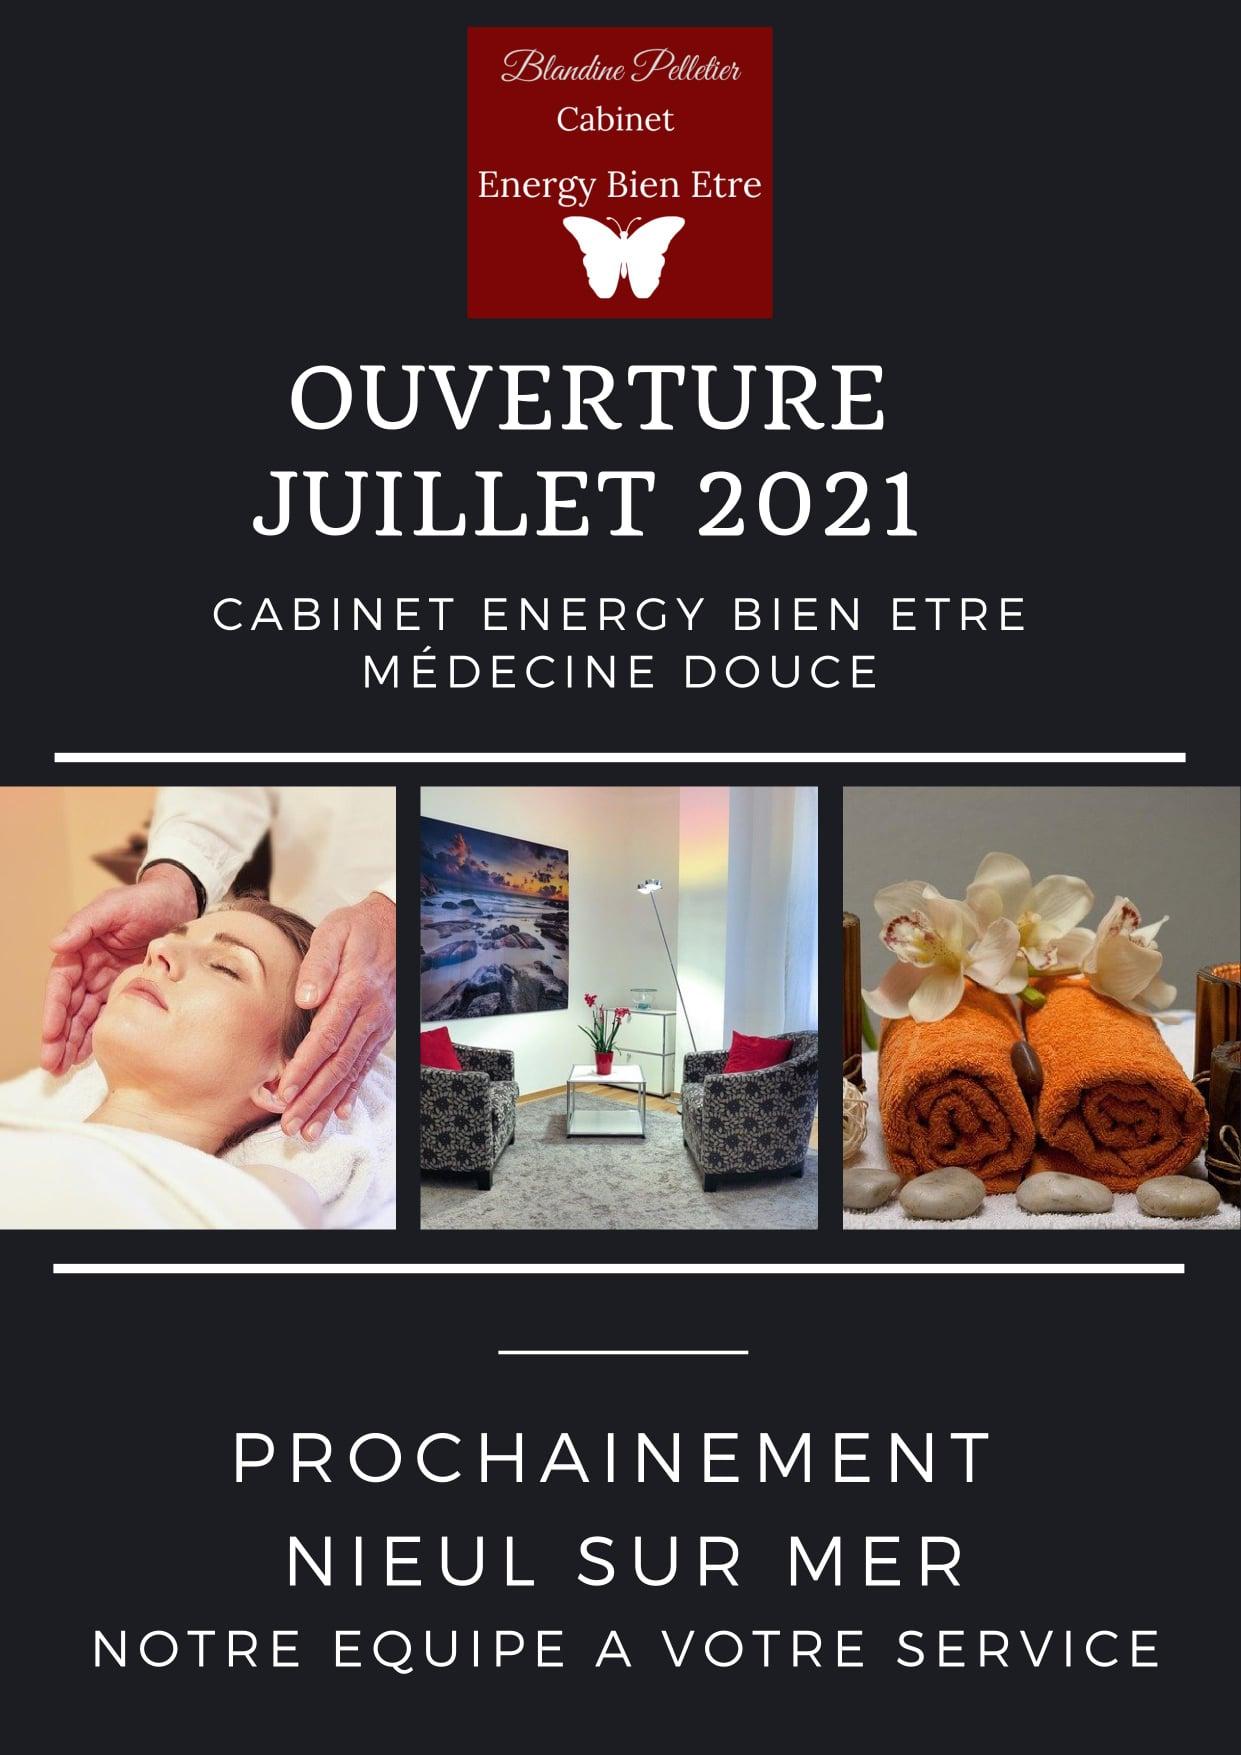 Ouverture Cabinet Blandine Pelletier